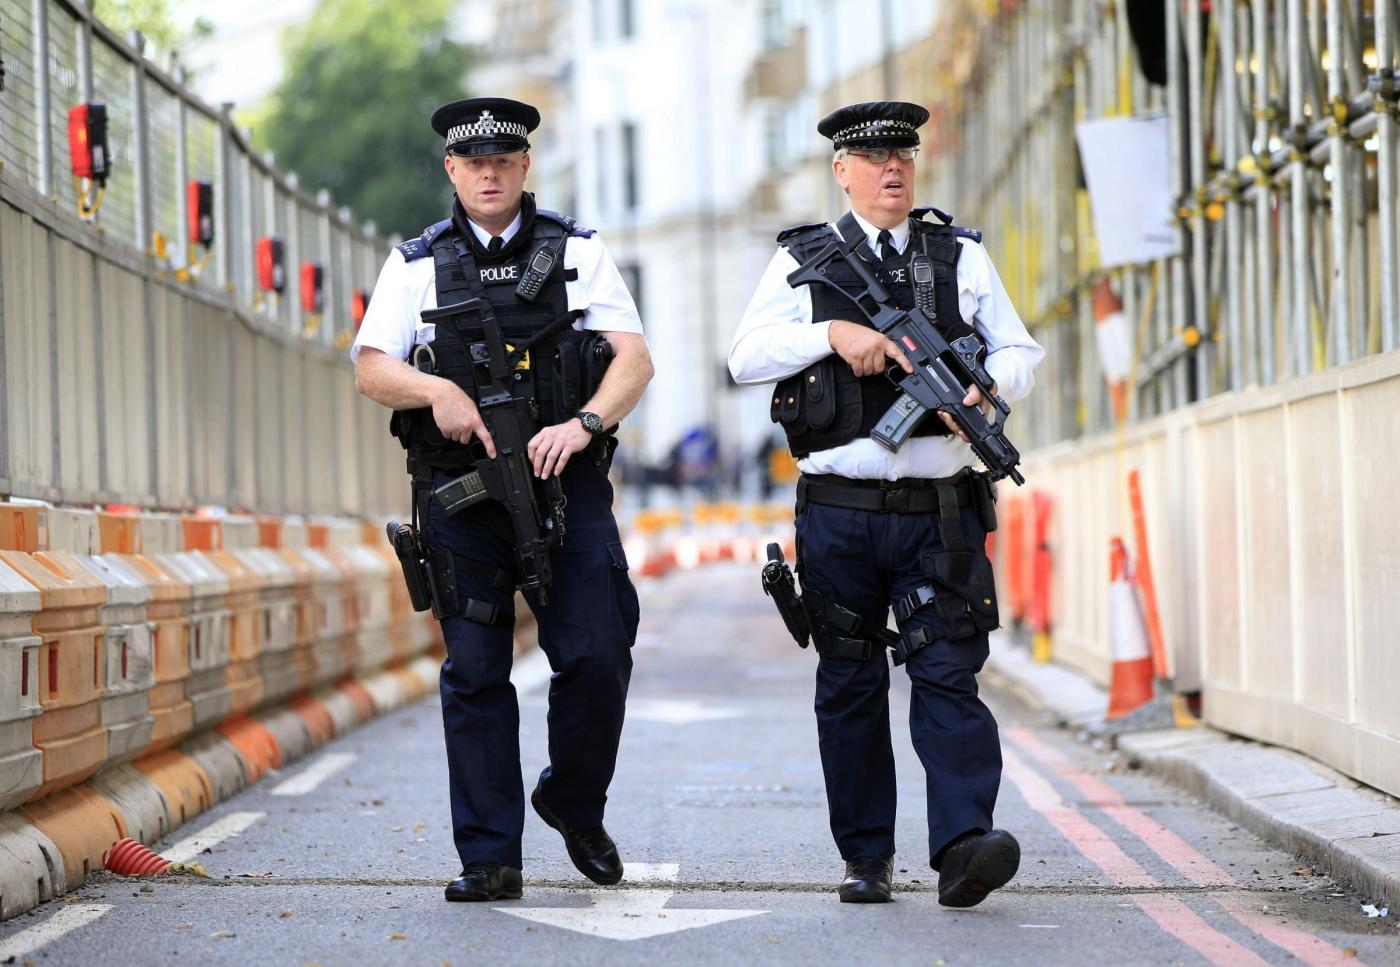 Terrorismo, Londra aumenta il numero degli agenti armati nelle strade